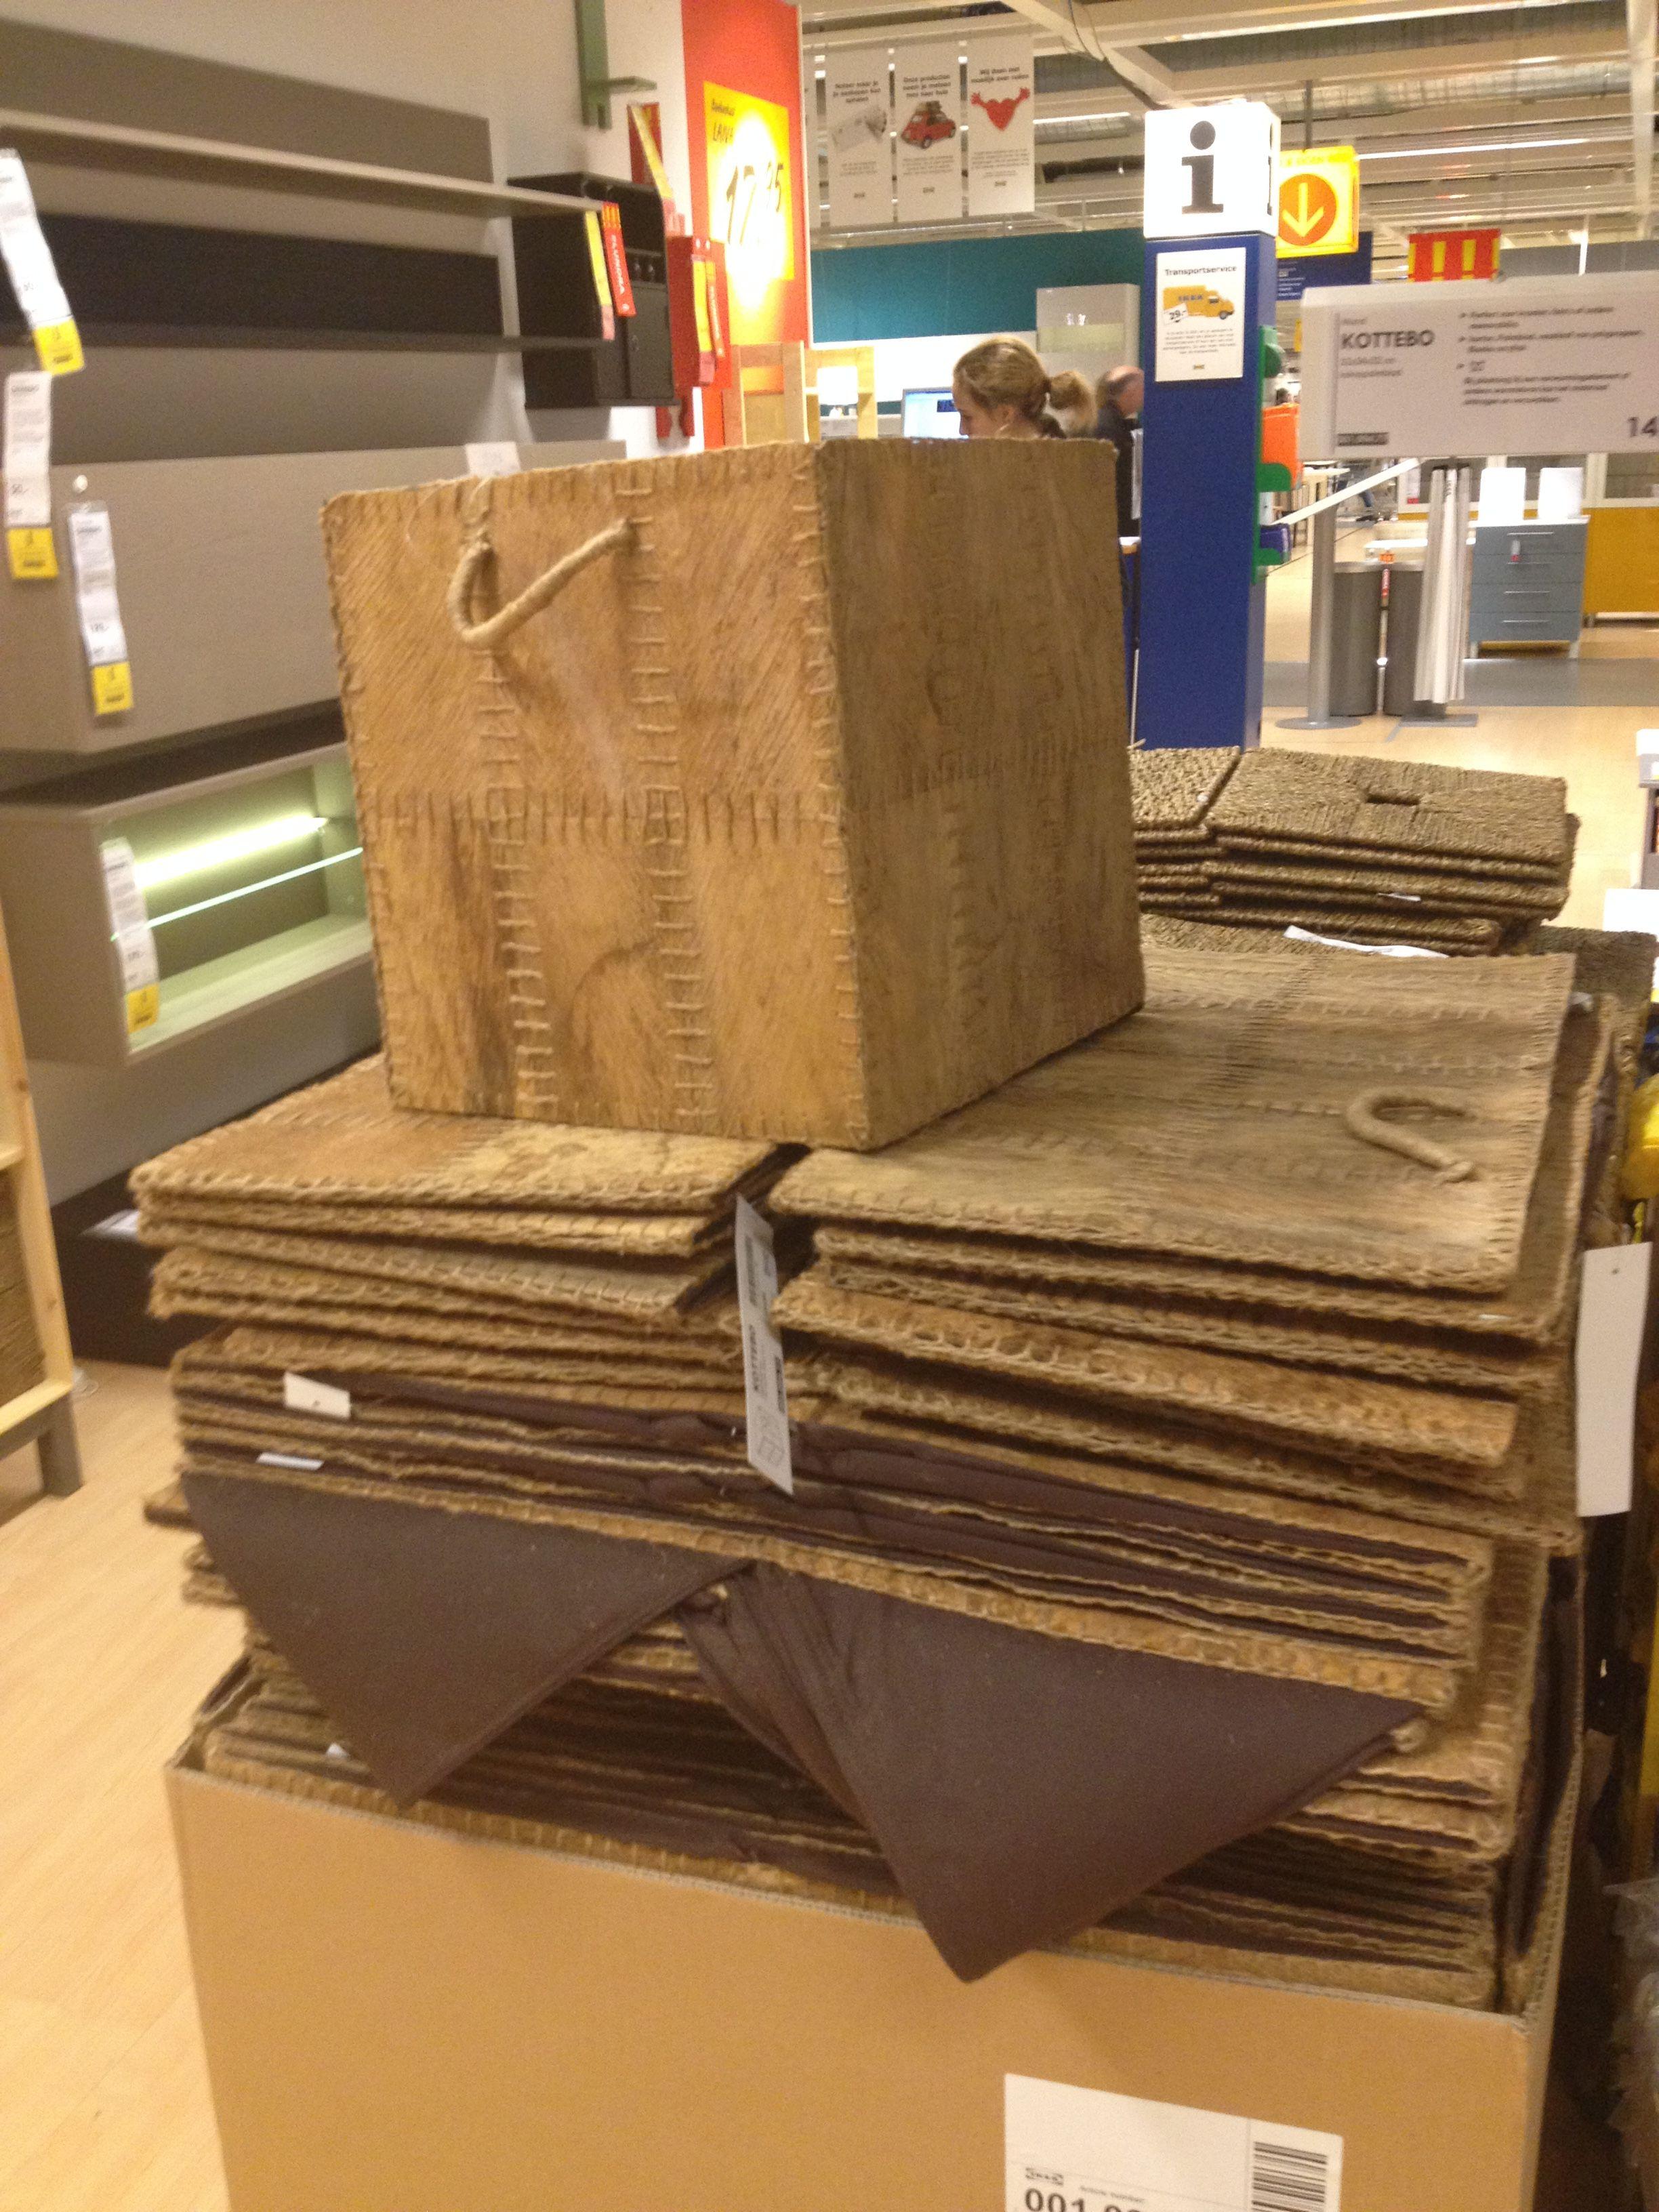 Mooie opbergboxen van Ikea voor in Expeditkast. Passen mooi bij industrial-look!